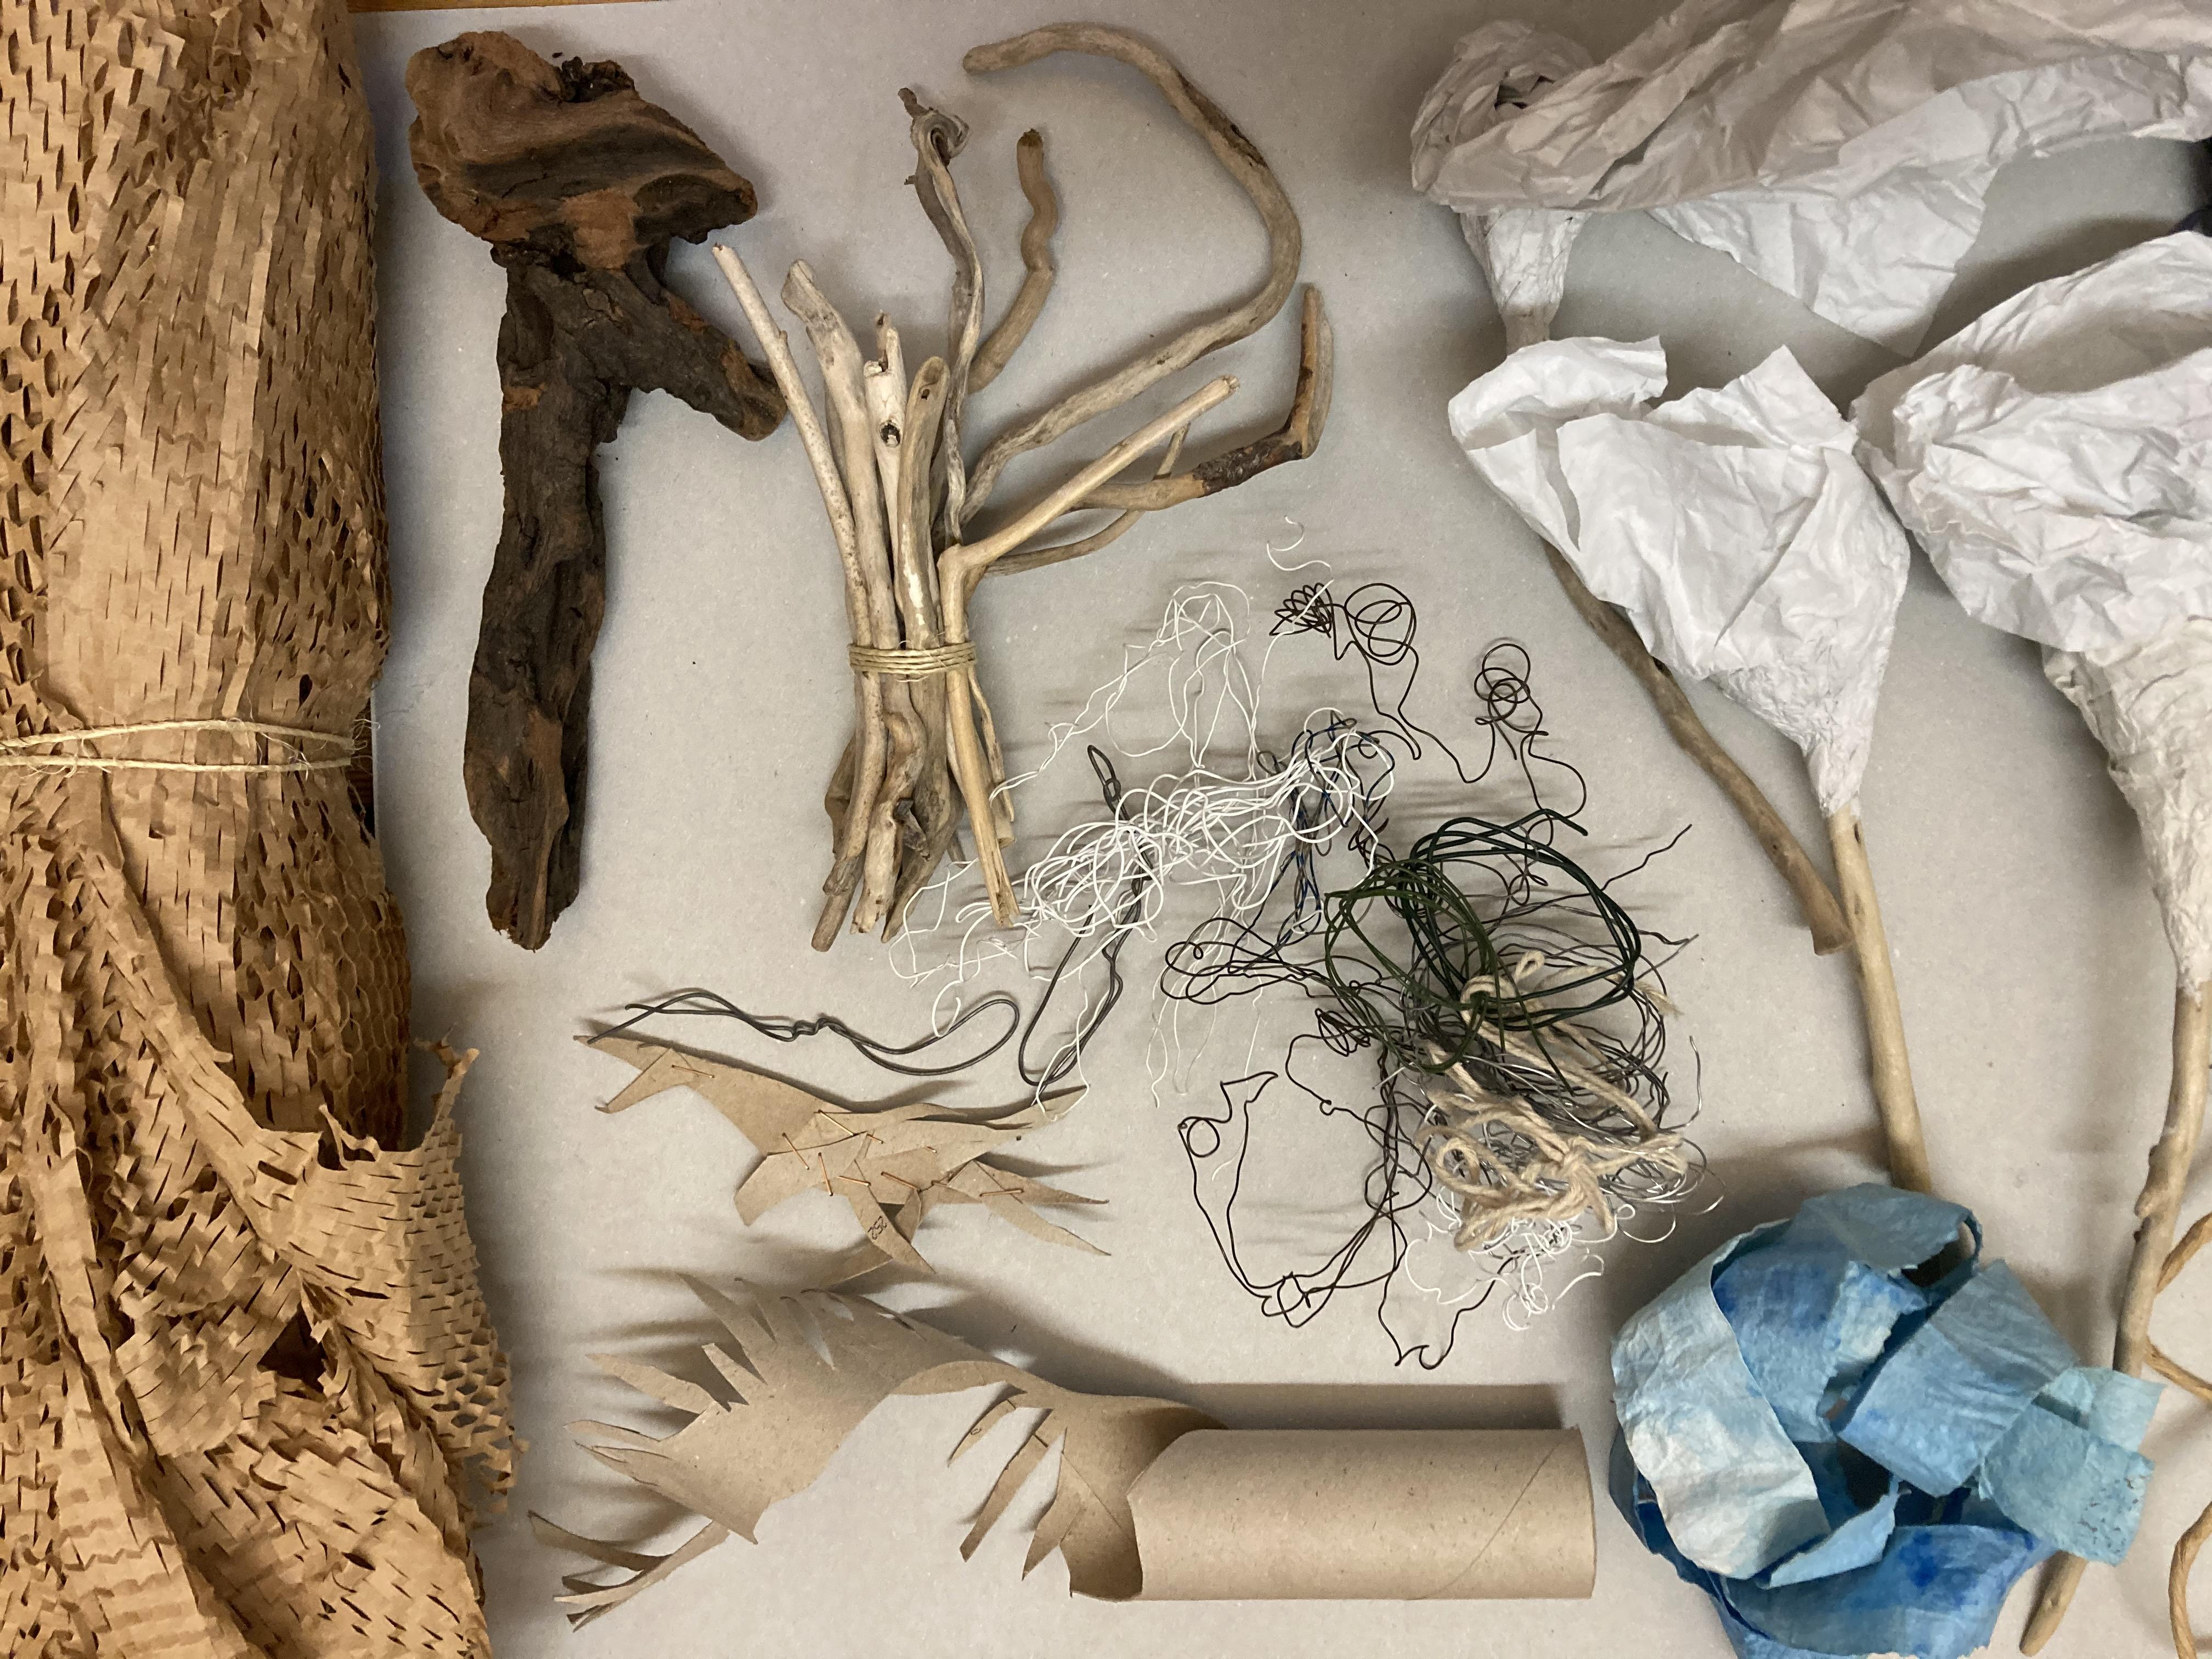 Abbildung verschiedener, nebeneinander angeordneter Materialien: eine zusammengerollte Stroh- oder Bastmatte, zusammengebundene Stöckchen, Schnüre, eine Papprolle, zusammengeknülltes Papier, Stoff.